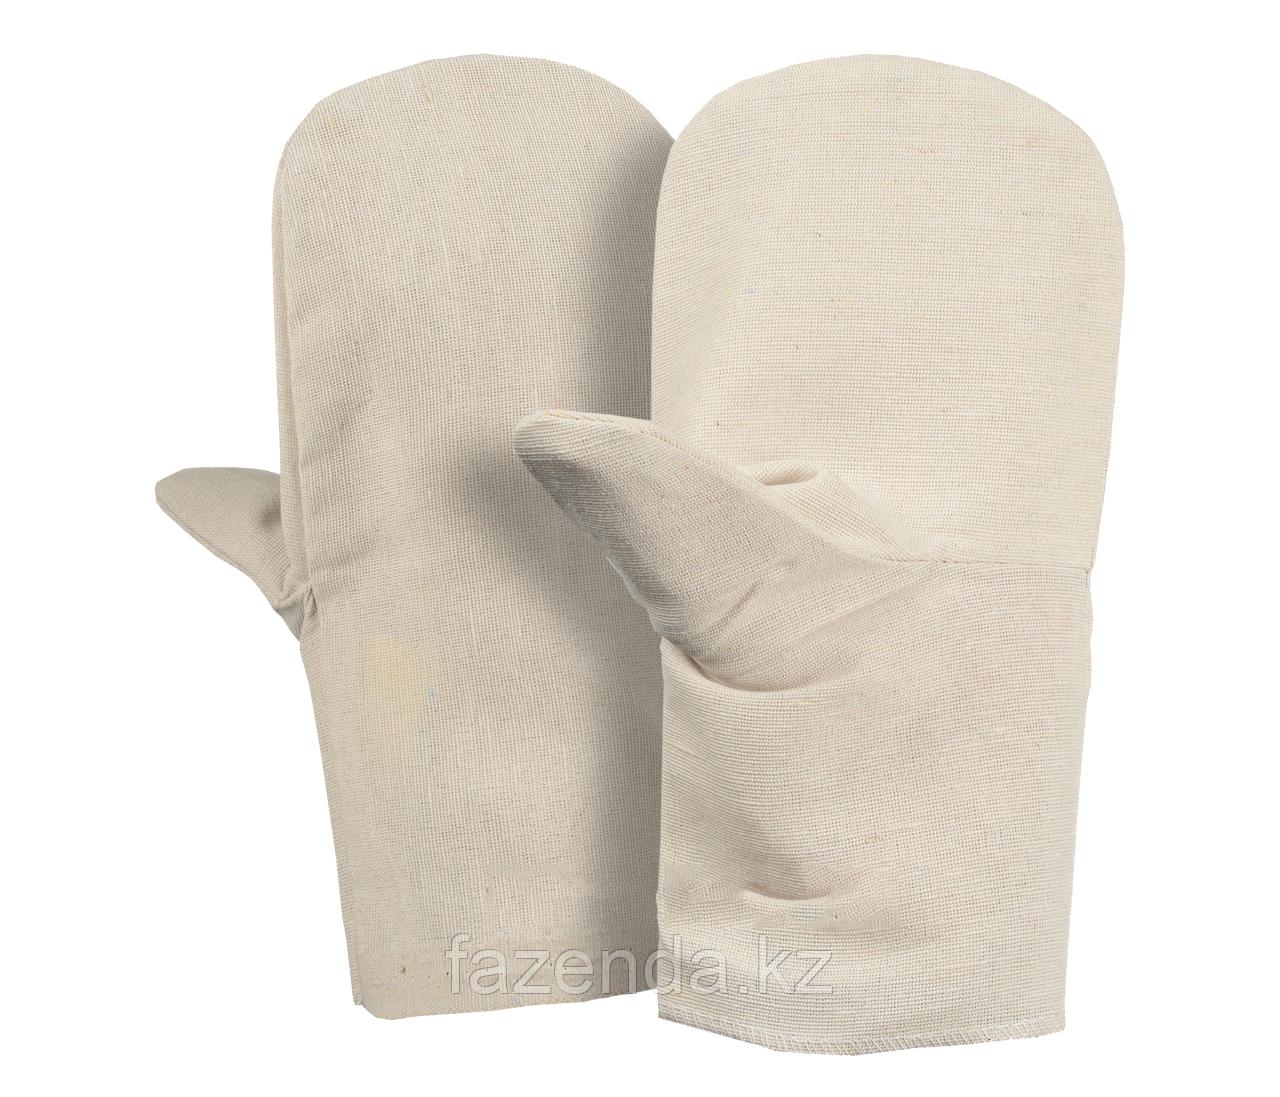 Рабочие рукавицы х/б, плотные